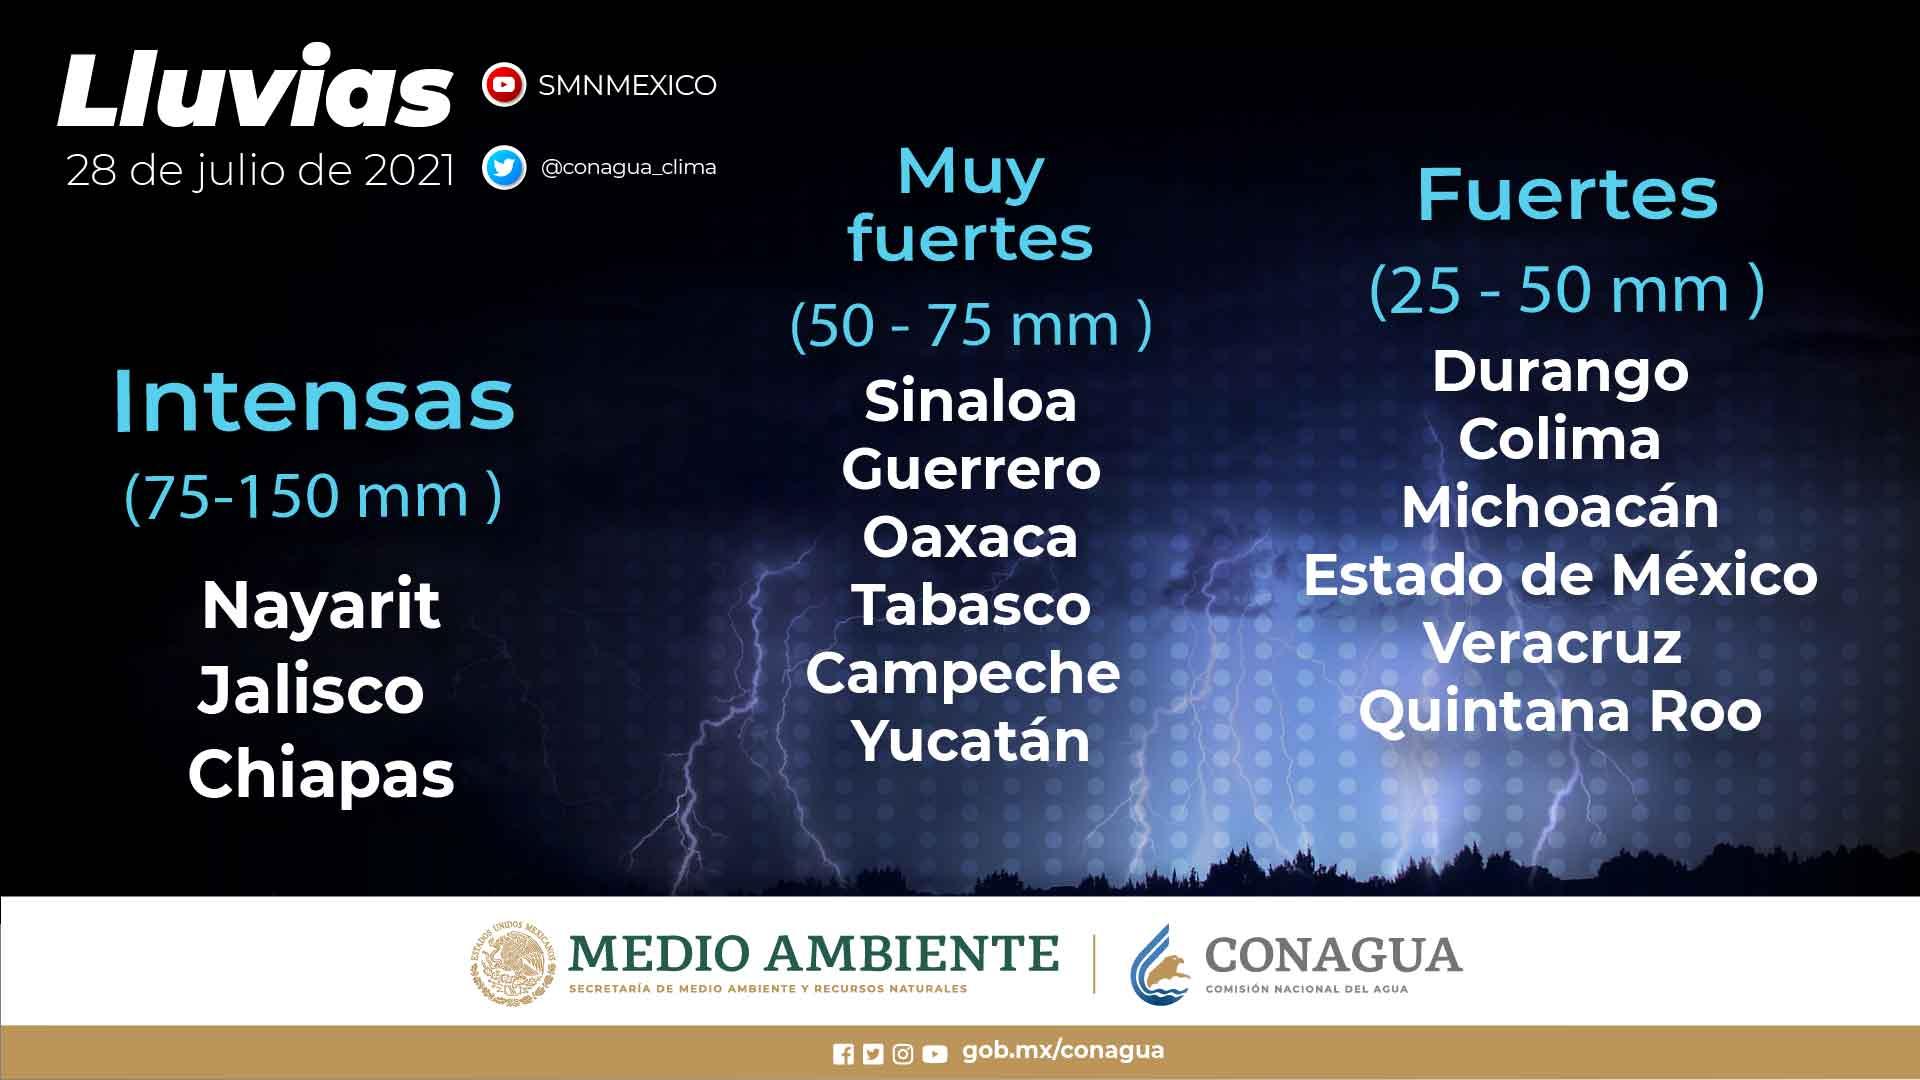 En regiones de Chiapas, Jalisco y Nayarit, se prevén hoy lluvias intensas, descargas eléctricas y posibles granizadas